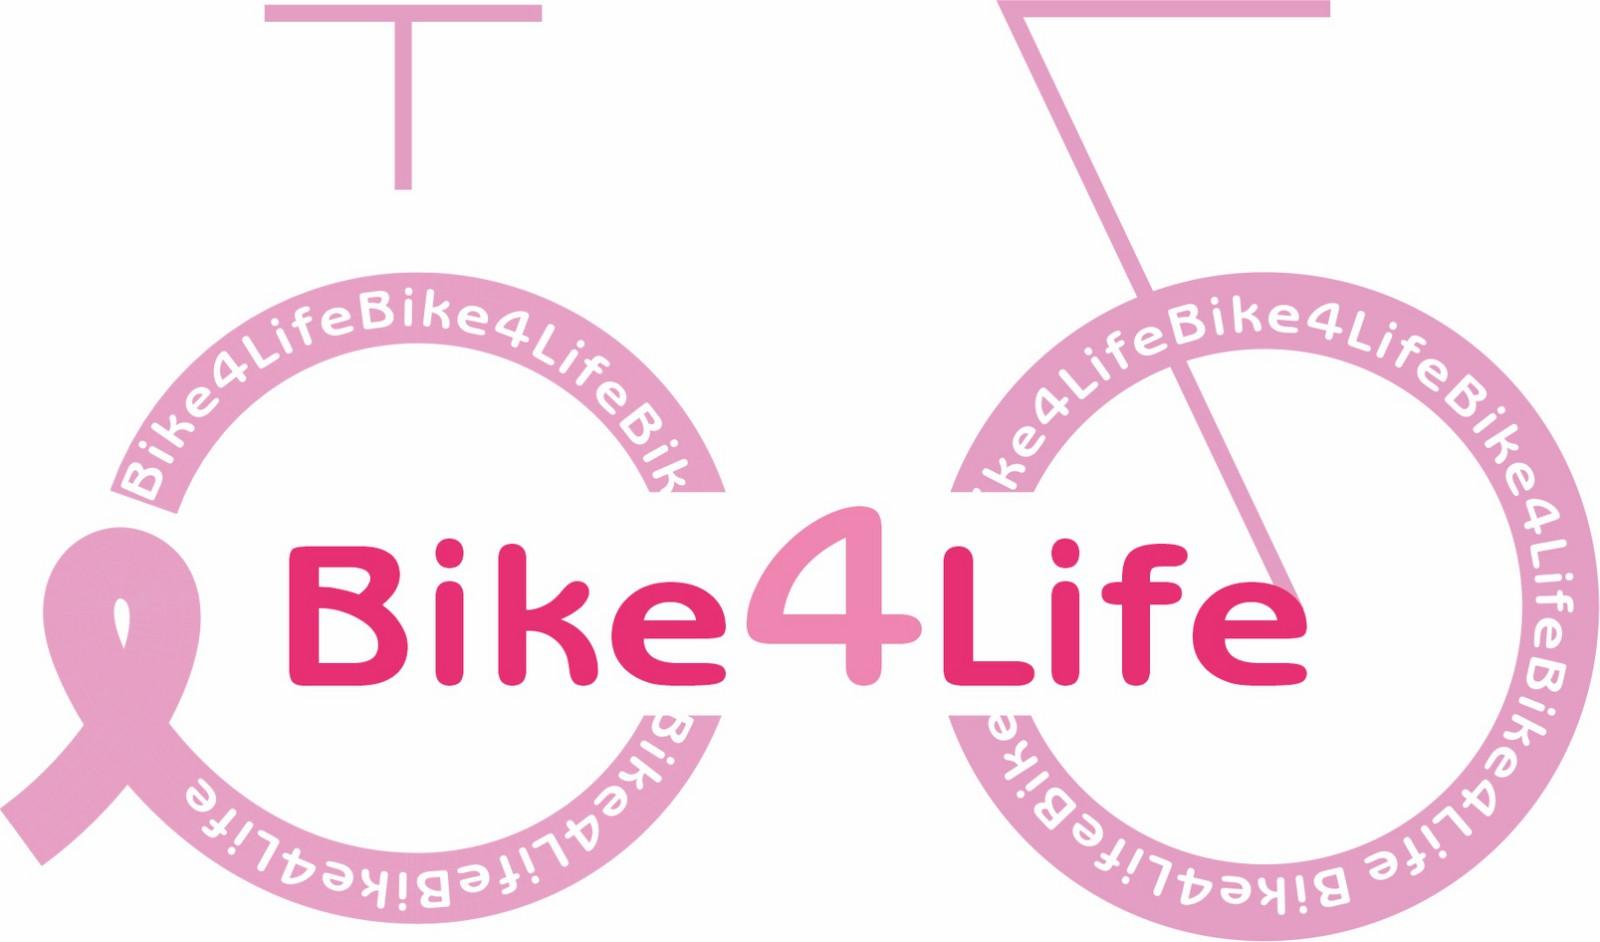 Ποδηλατούμε για τη Ζωή - #Bike4Life | Τετάρτη 20 Οκτωβρίου ραντεβού στην Πλατεία Ελευθερίας με τα ποδήλατά μας!